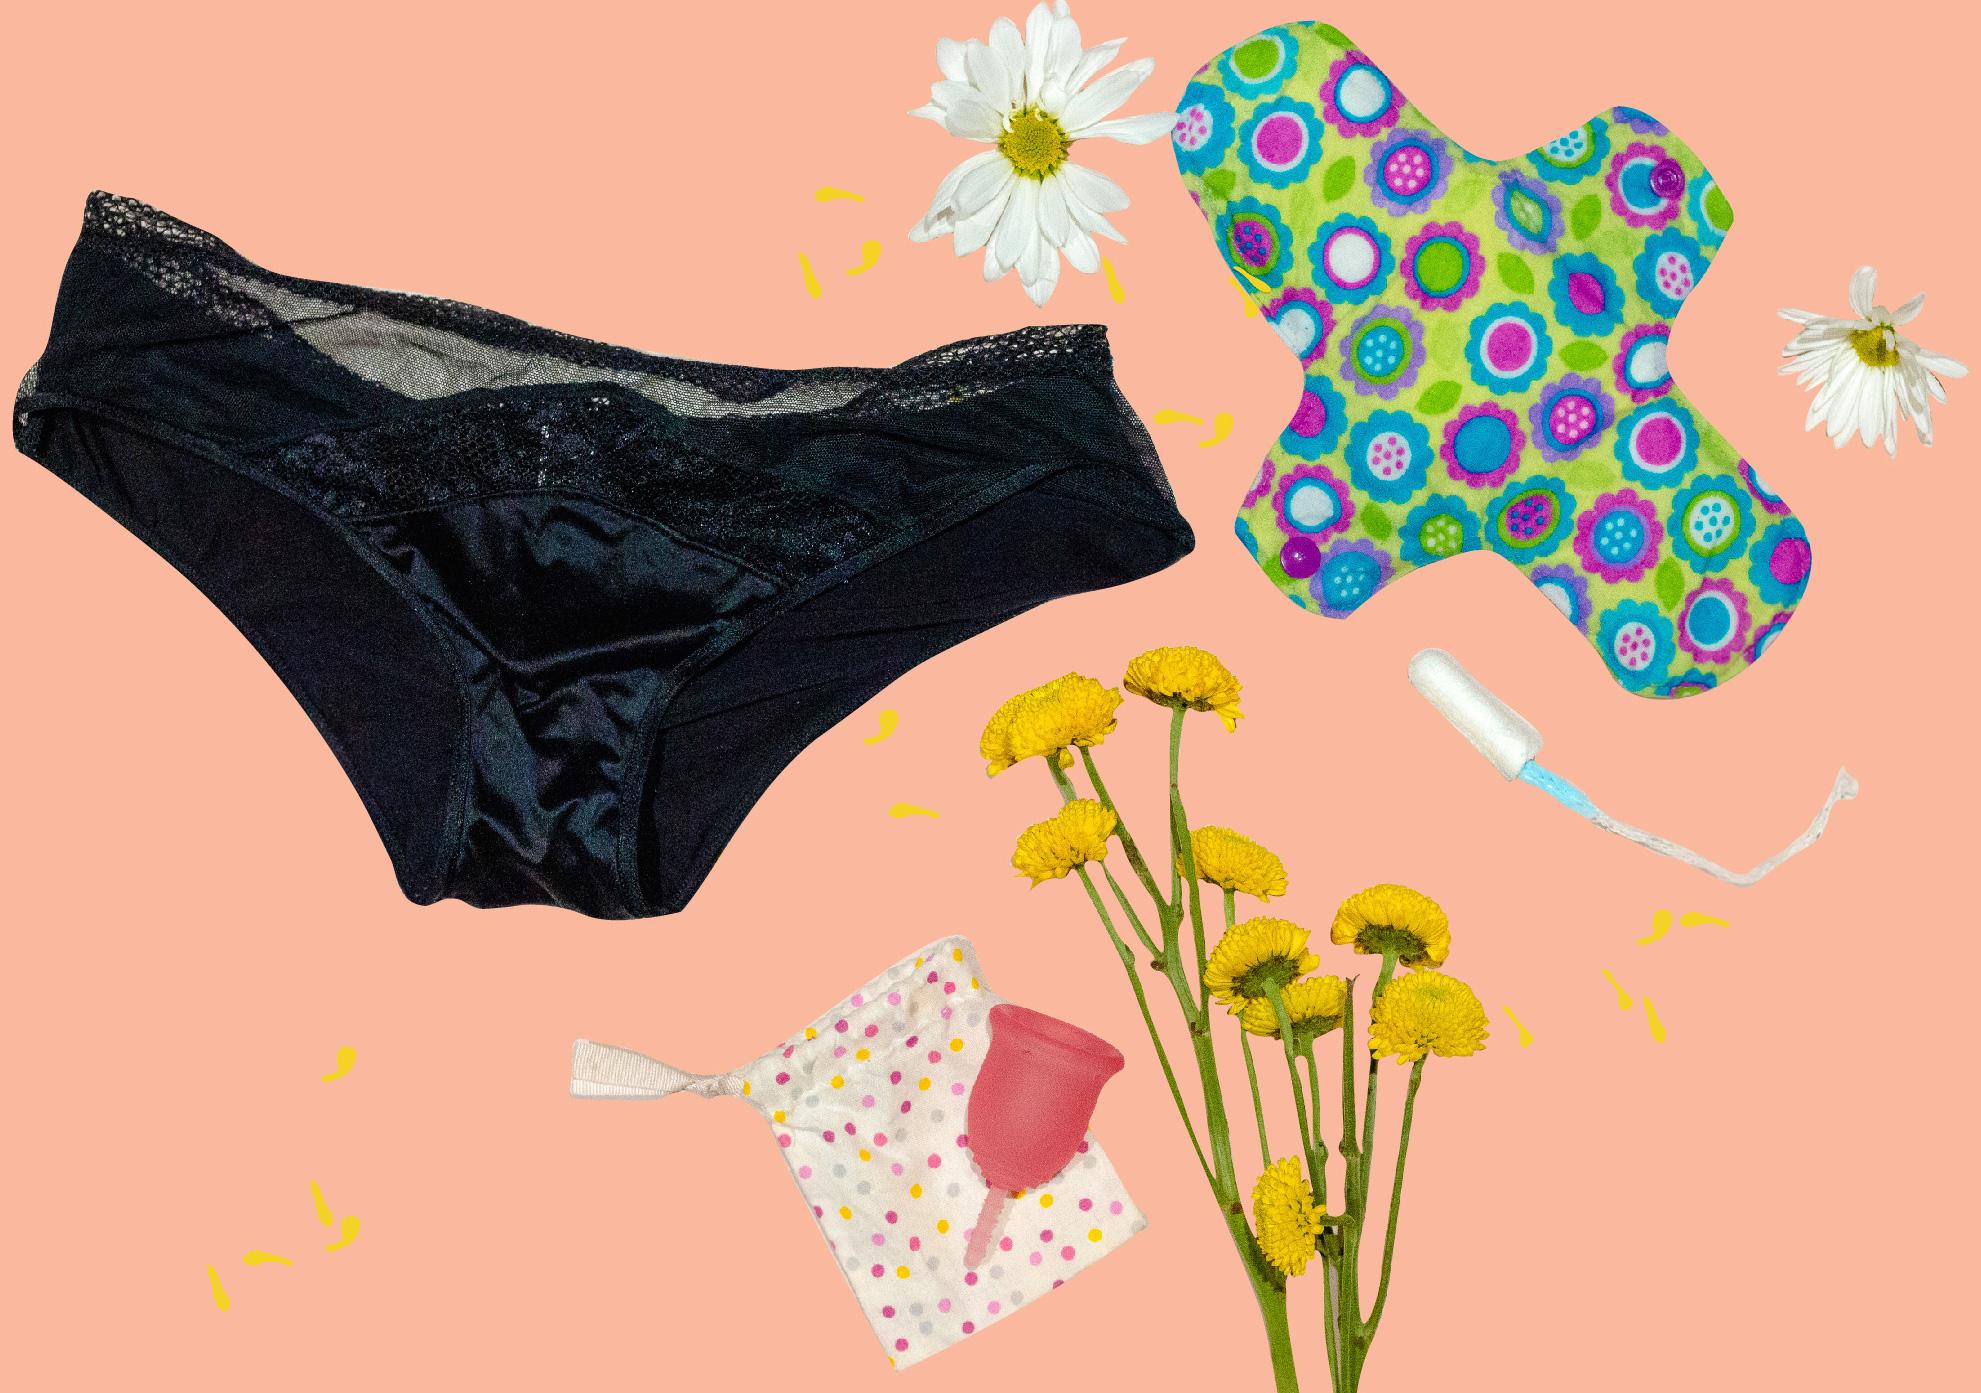 ¿Menstruación eco-amigable y saludable? Sí se puede